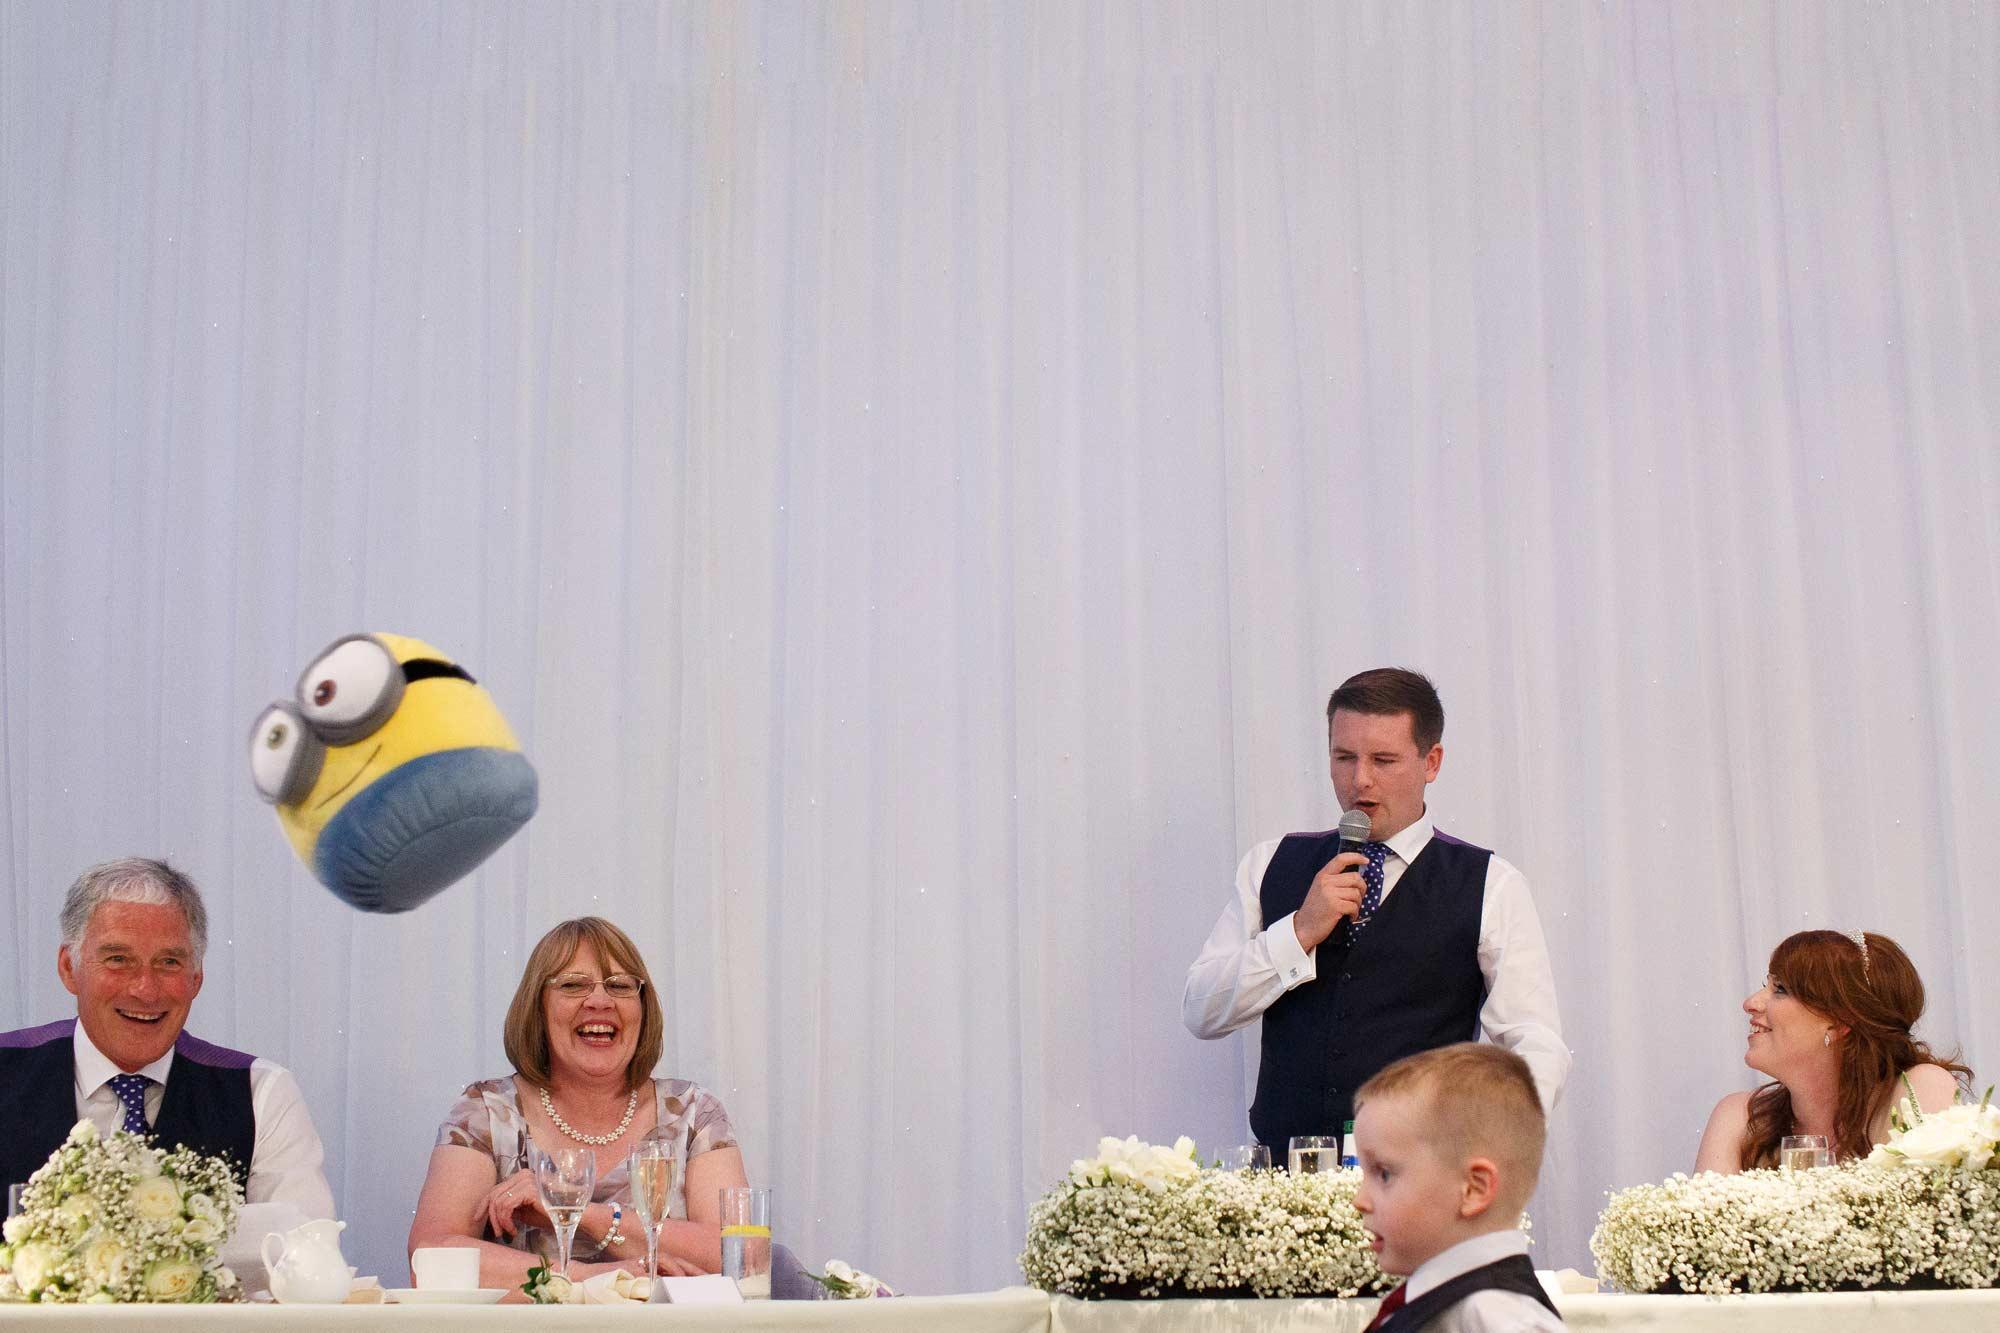 Minion flying through the air during speeches at Heaton House Farm Wedding